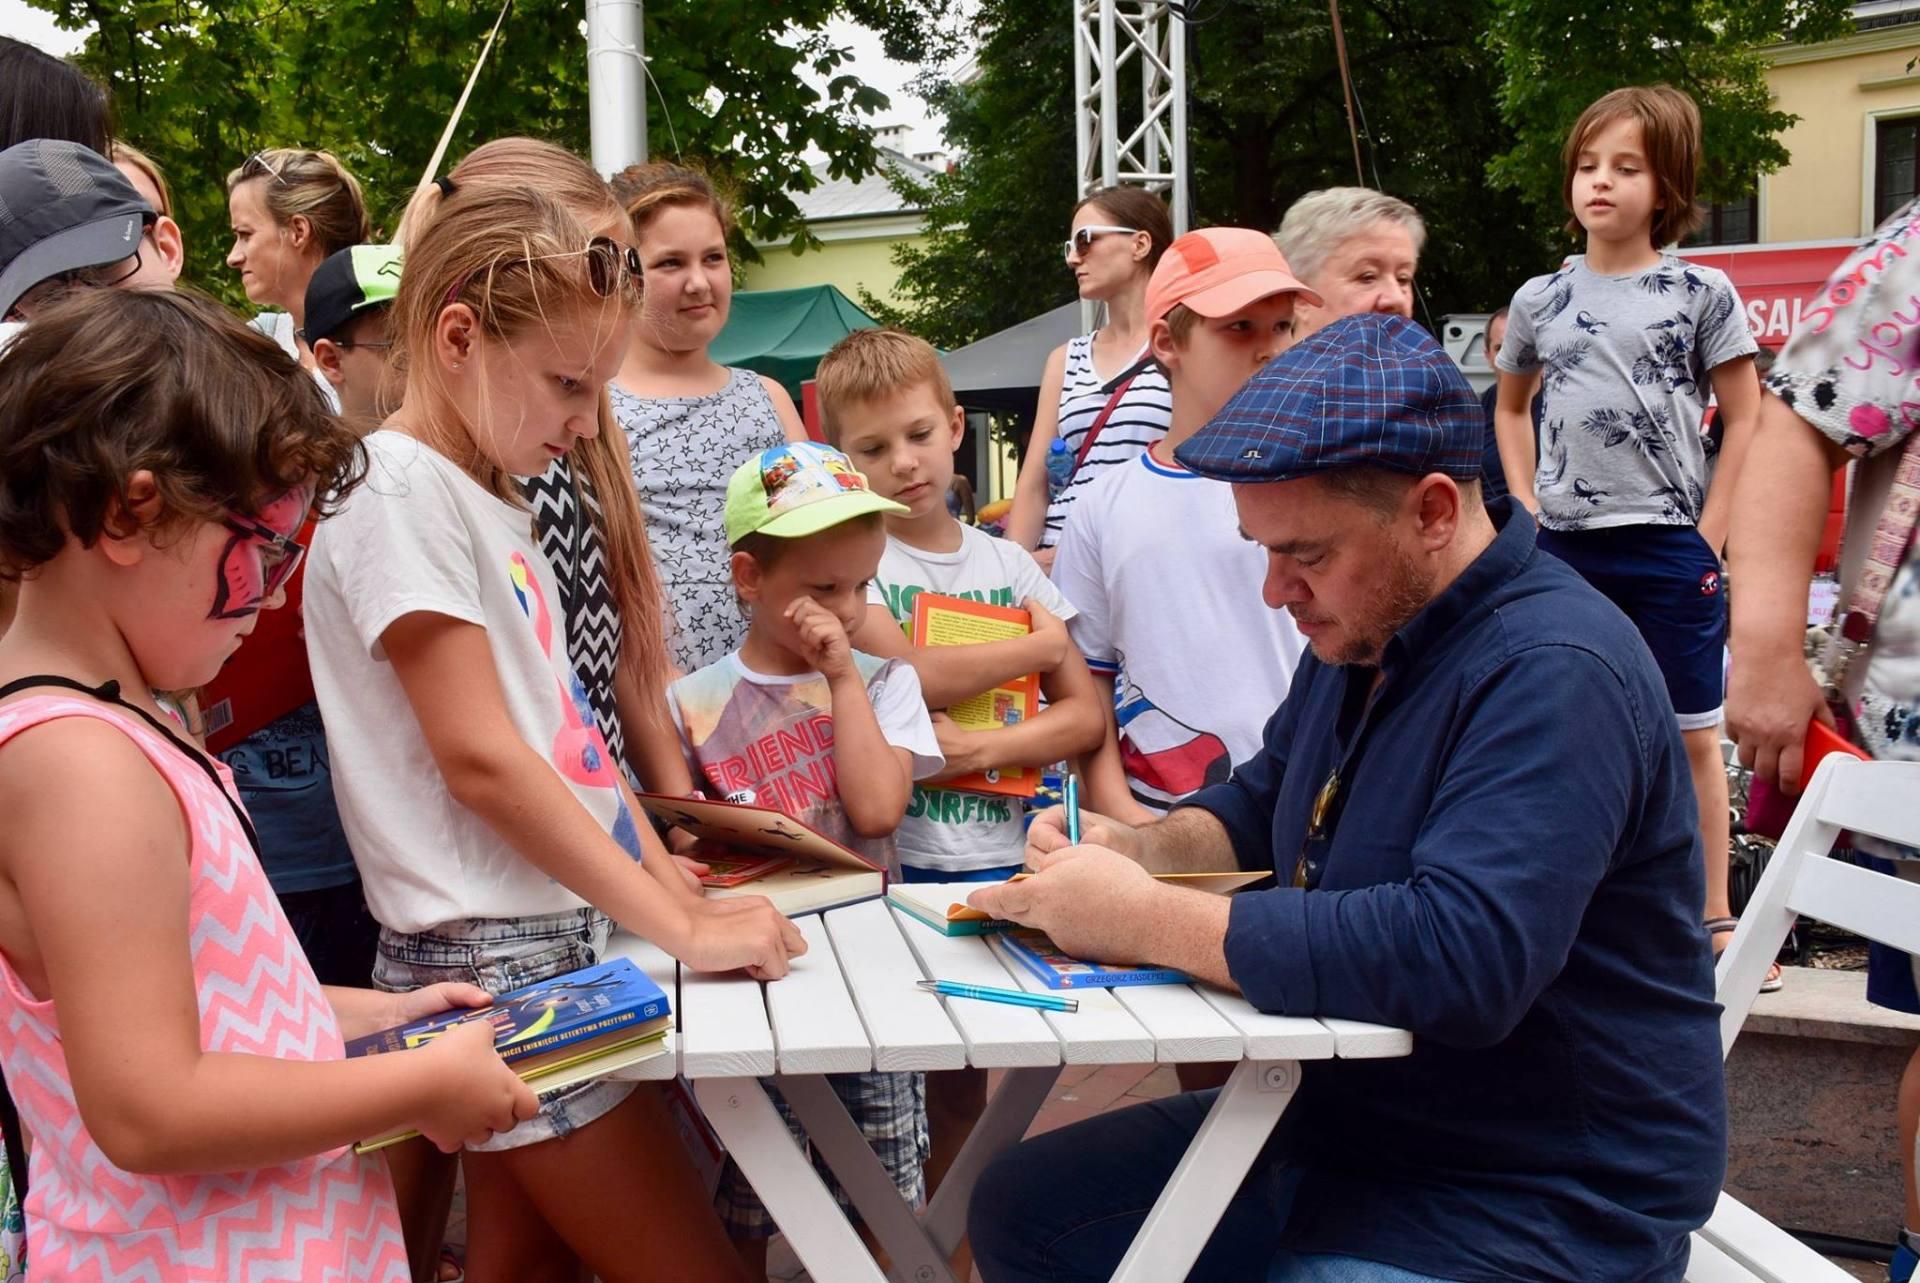 20627076 1968902576713203 5562460243147281858 o Festiwal Stolica Języka Polskiego. Literackie Święto rozpocznie się w Zamościu. Co zaplanowano?